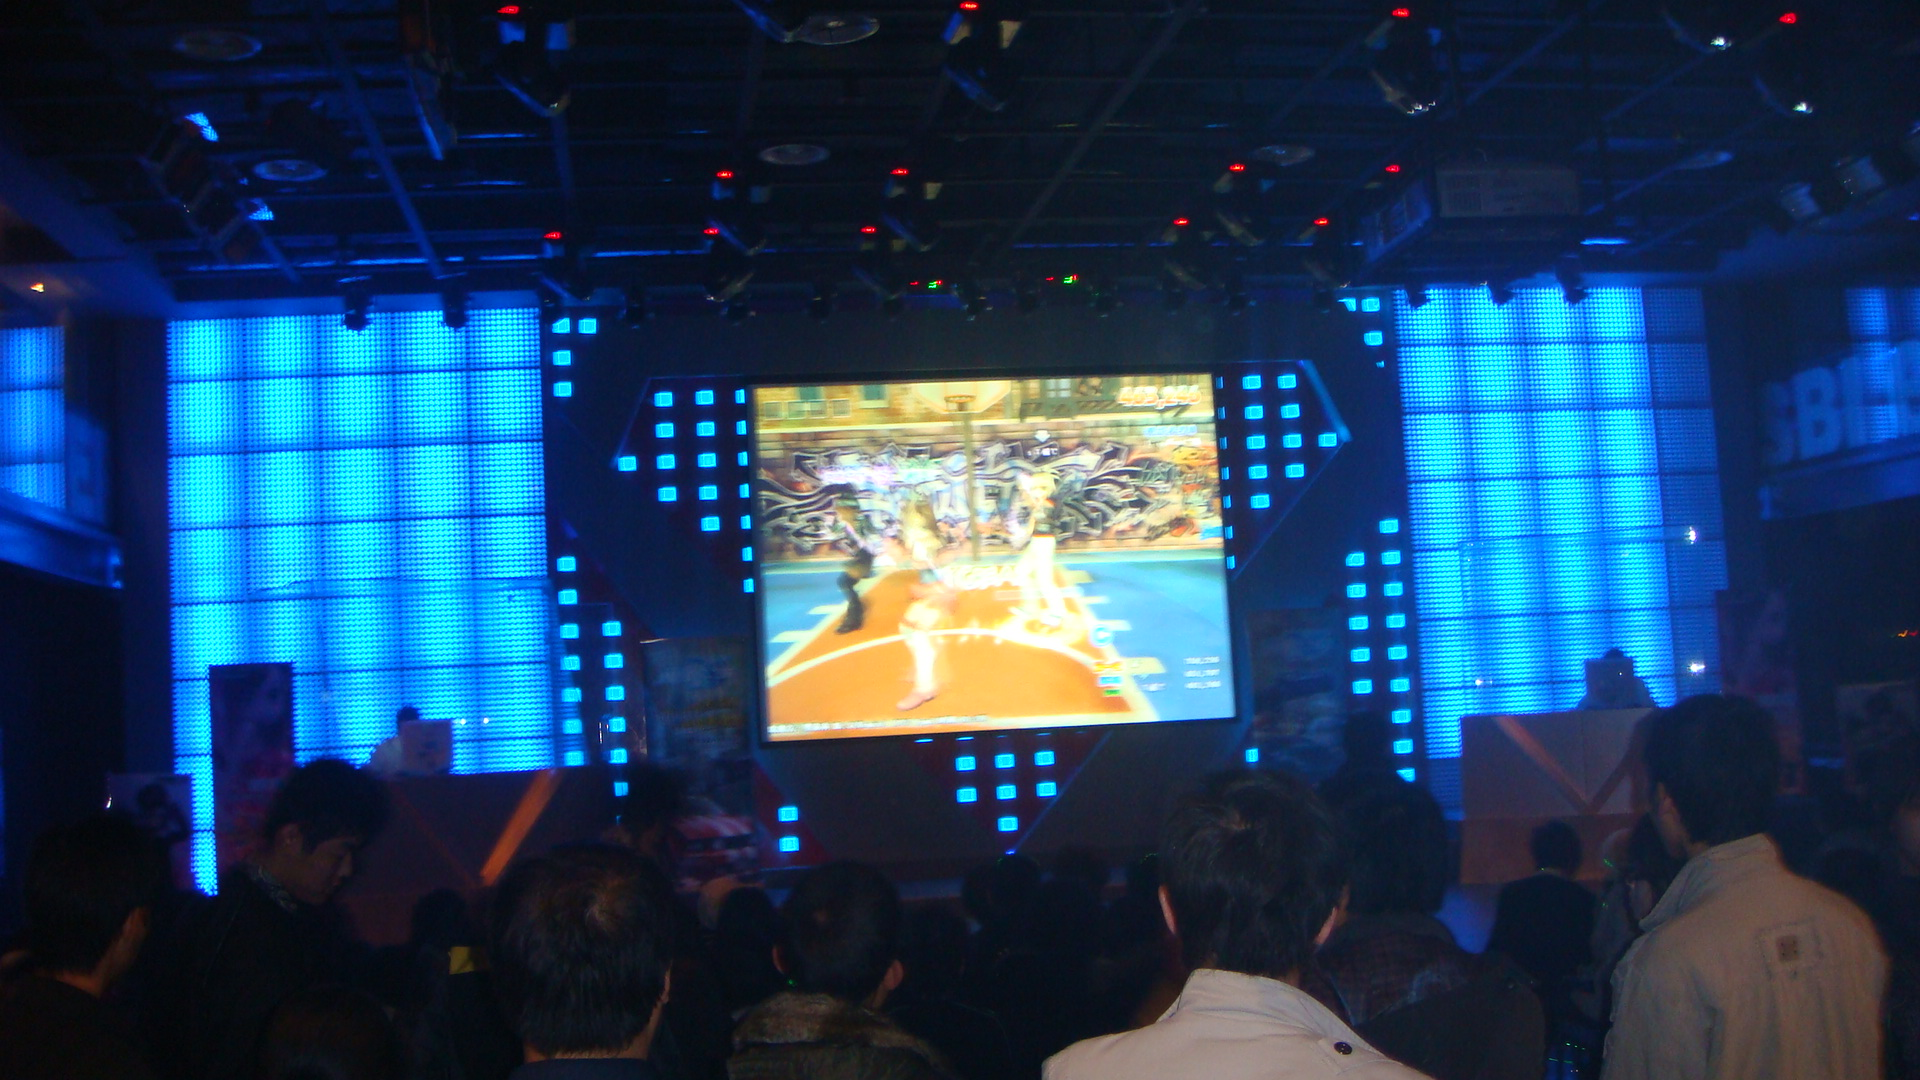 比赛大屏幕素材